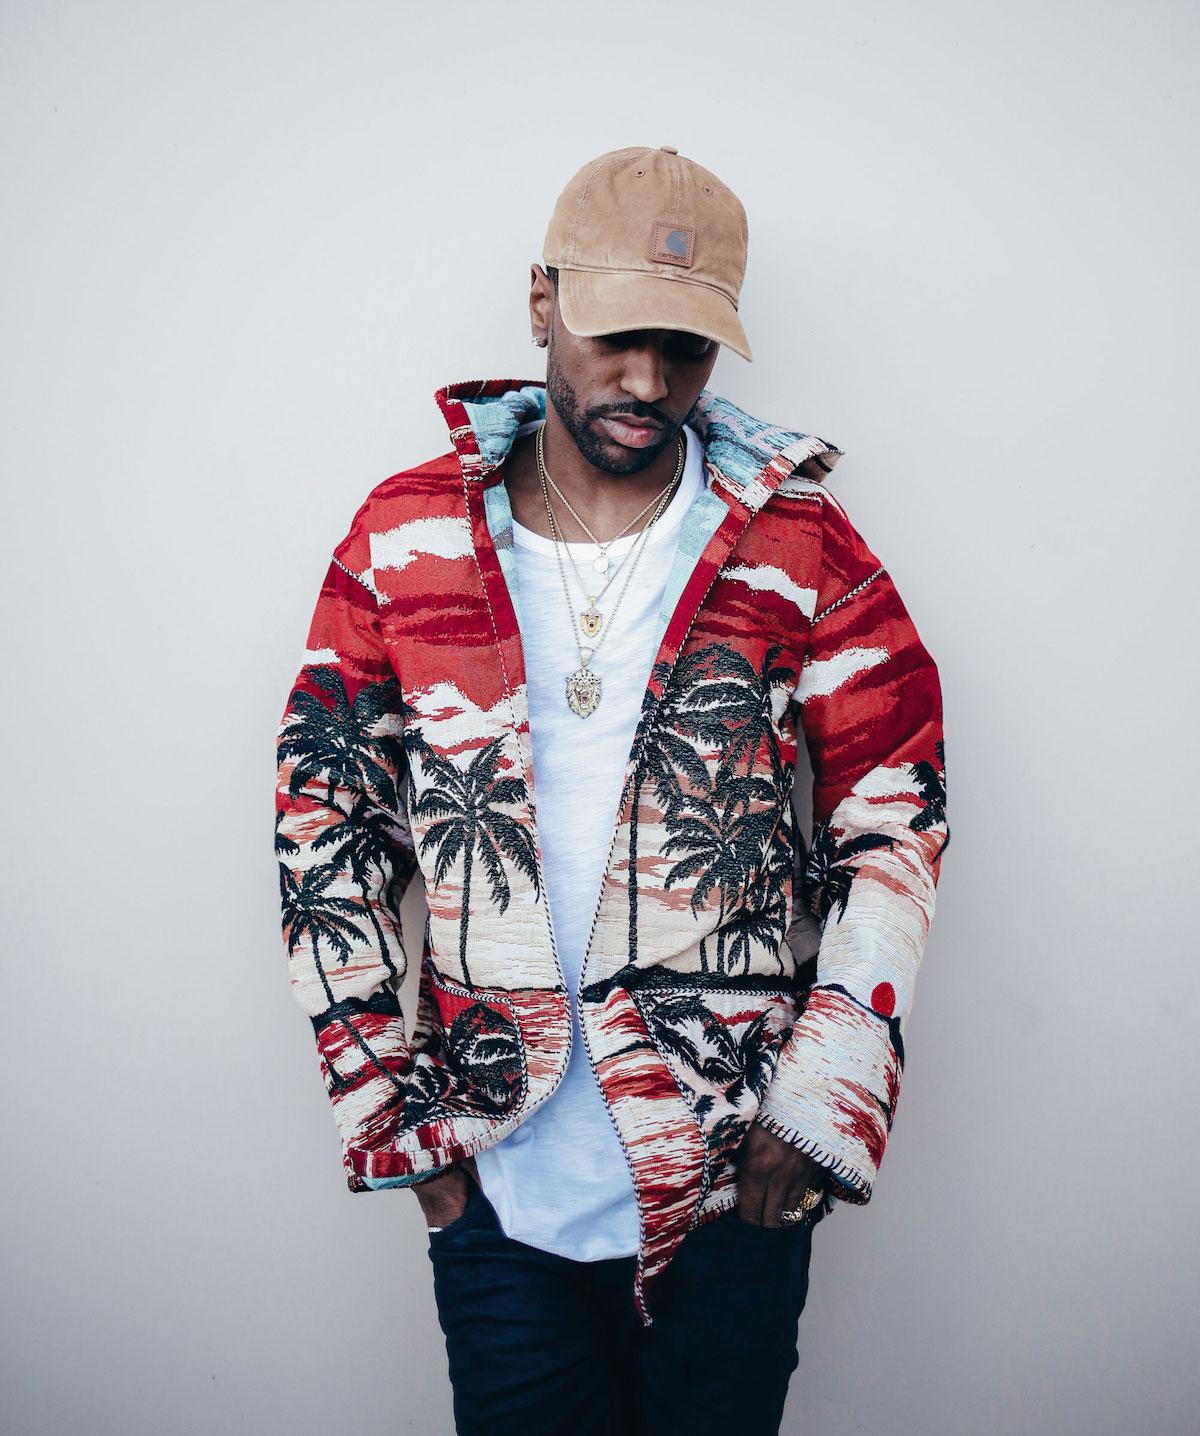 Big-Sean-Saint-Laurent-jacket-Carhartt-hat